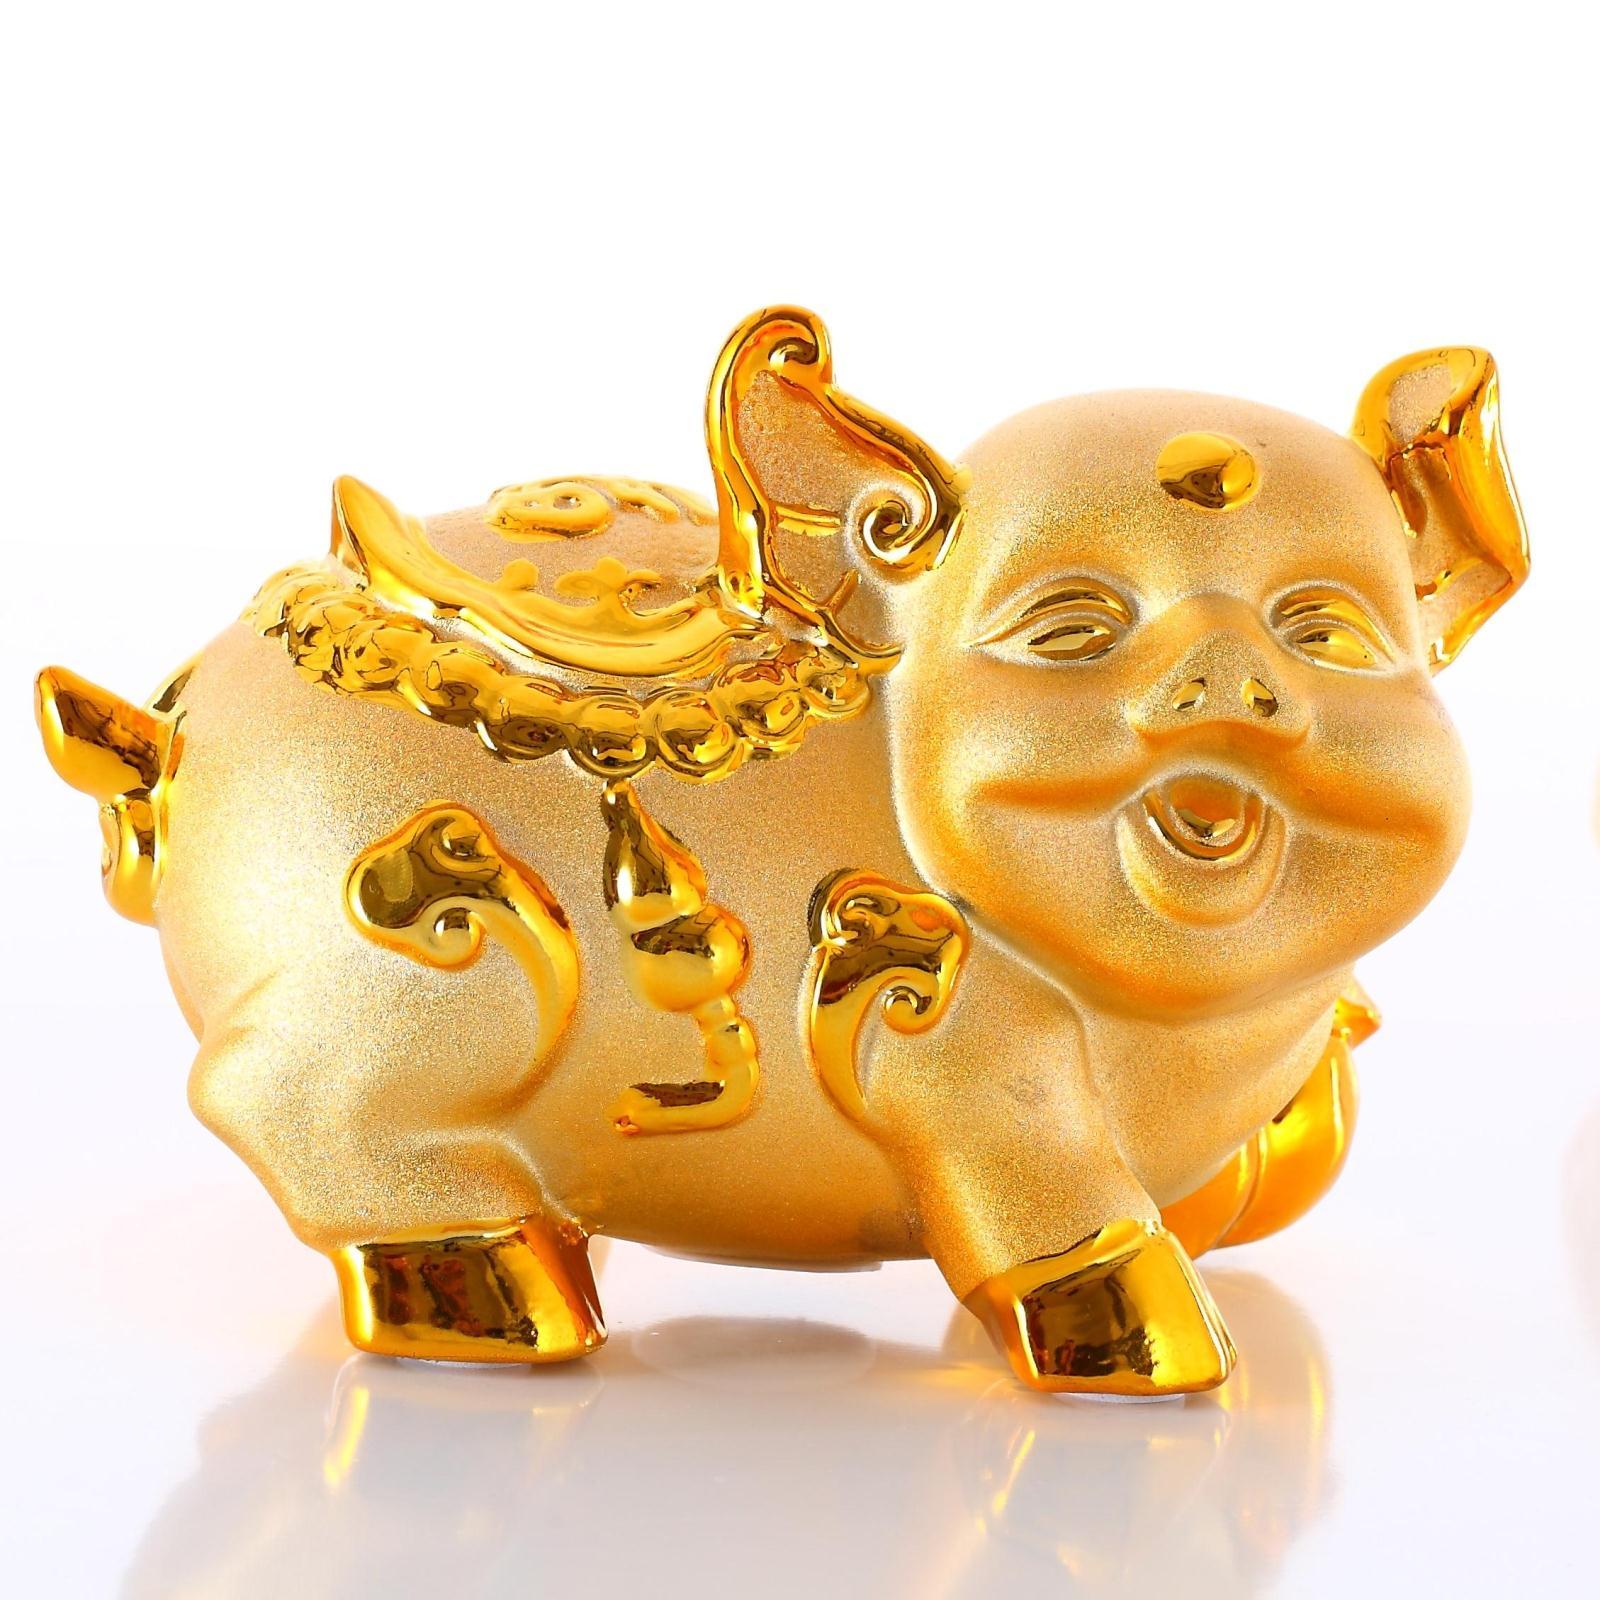 新品招财纳福金猪陶瓷储蓄罐超大号金色存钱罐镀金开业高档摆件